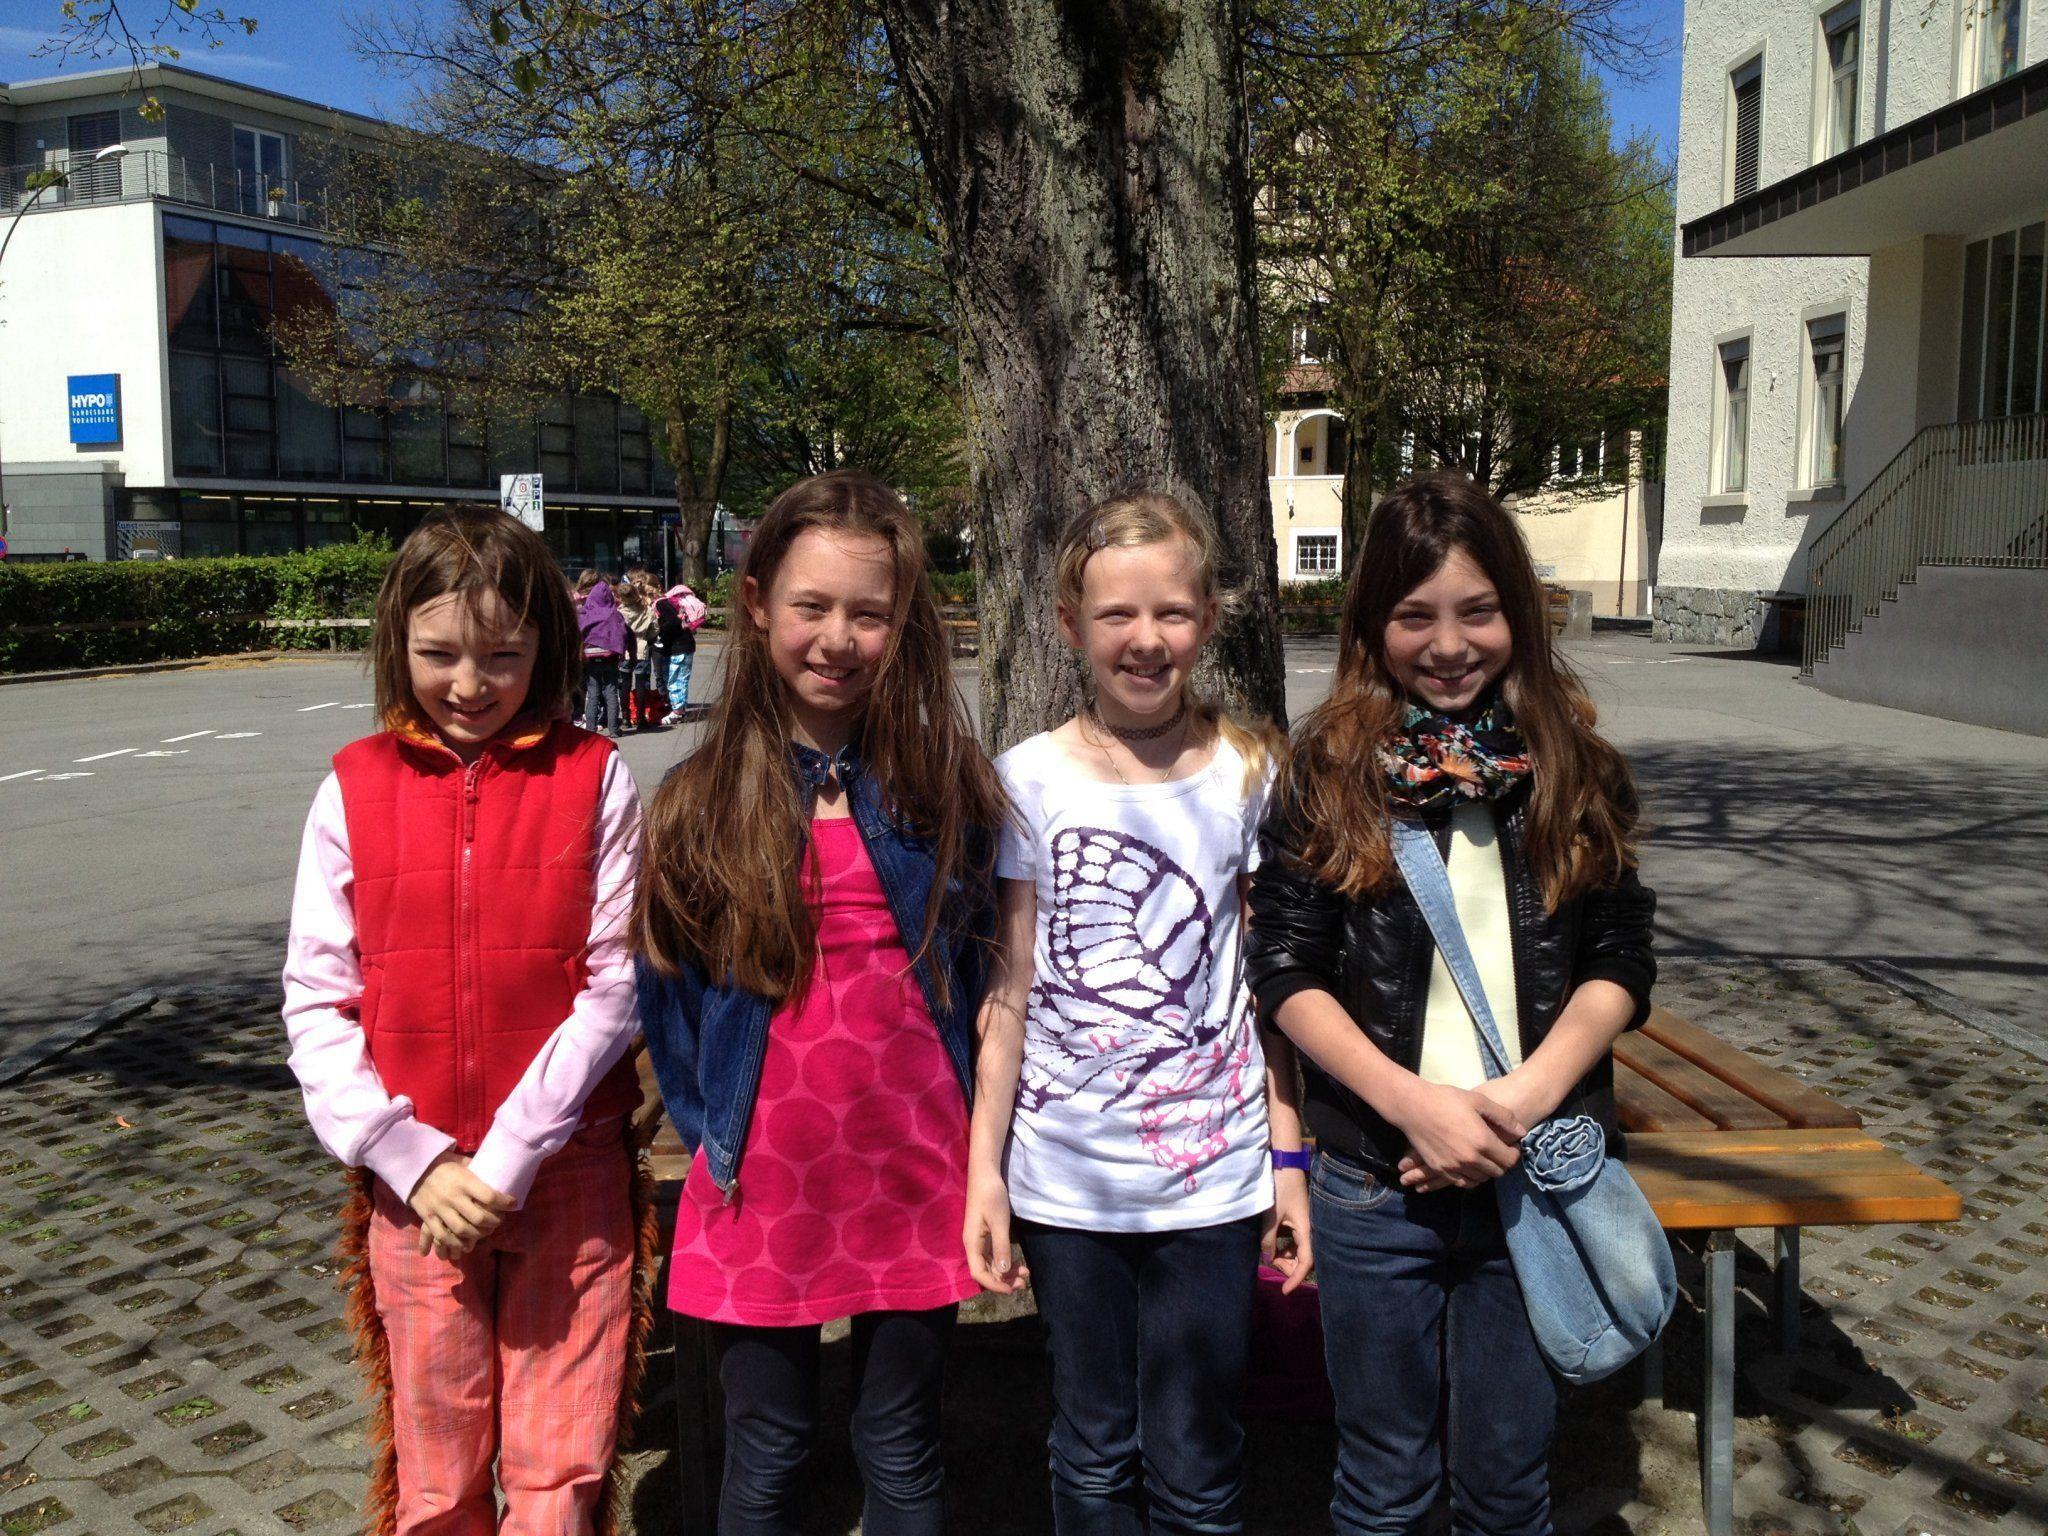 Diese vier Mädchen kamen auf die Idee, einen Kinderflohmarkt zu organisieren: Emilie Graf, Clara Benedikter, Linda Hagen, Sofia Müller.